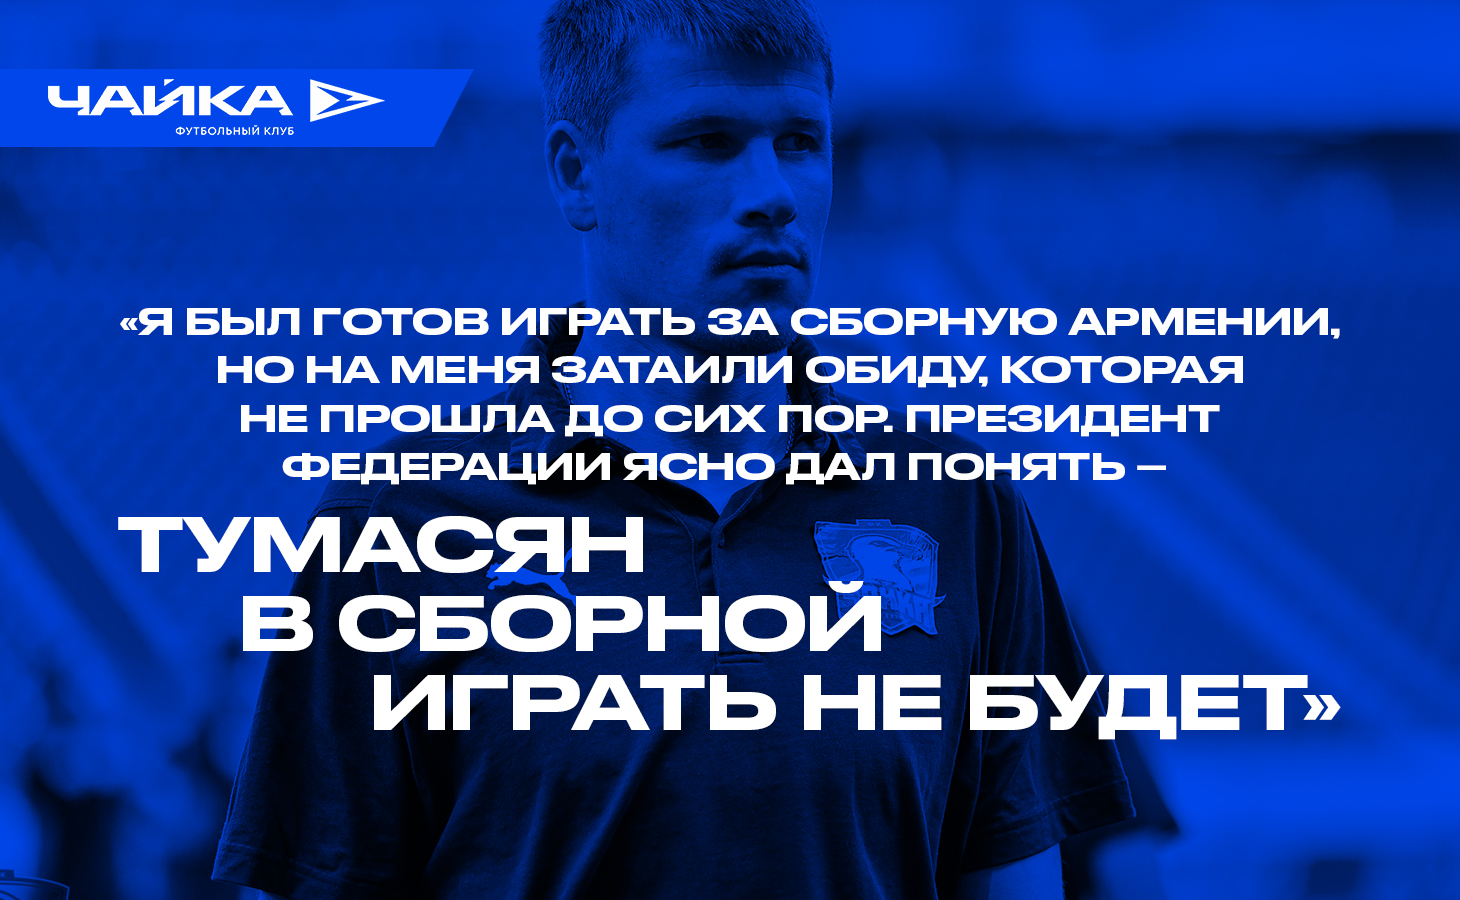 Денис Тумасян уже тренер. Кайфует от работы (несмотря на бессонные ночи) и хочет к Бьелсе